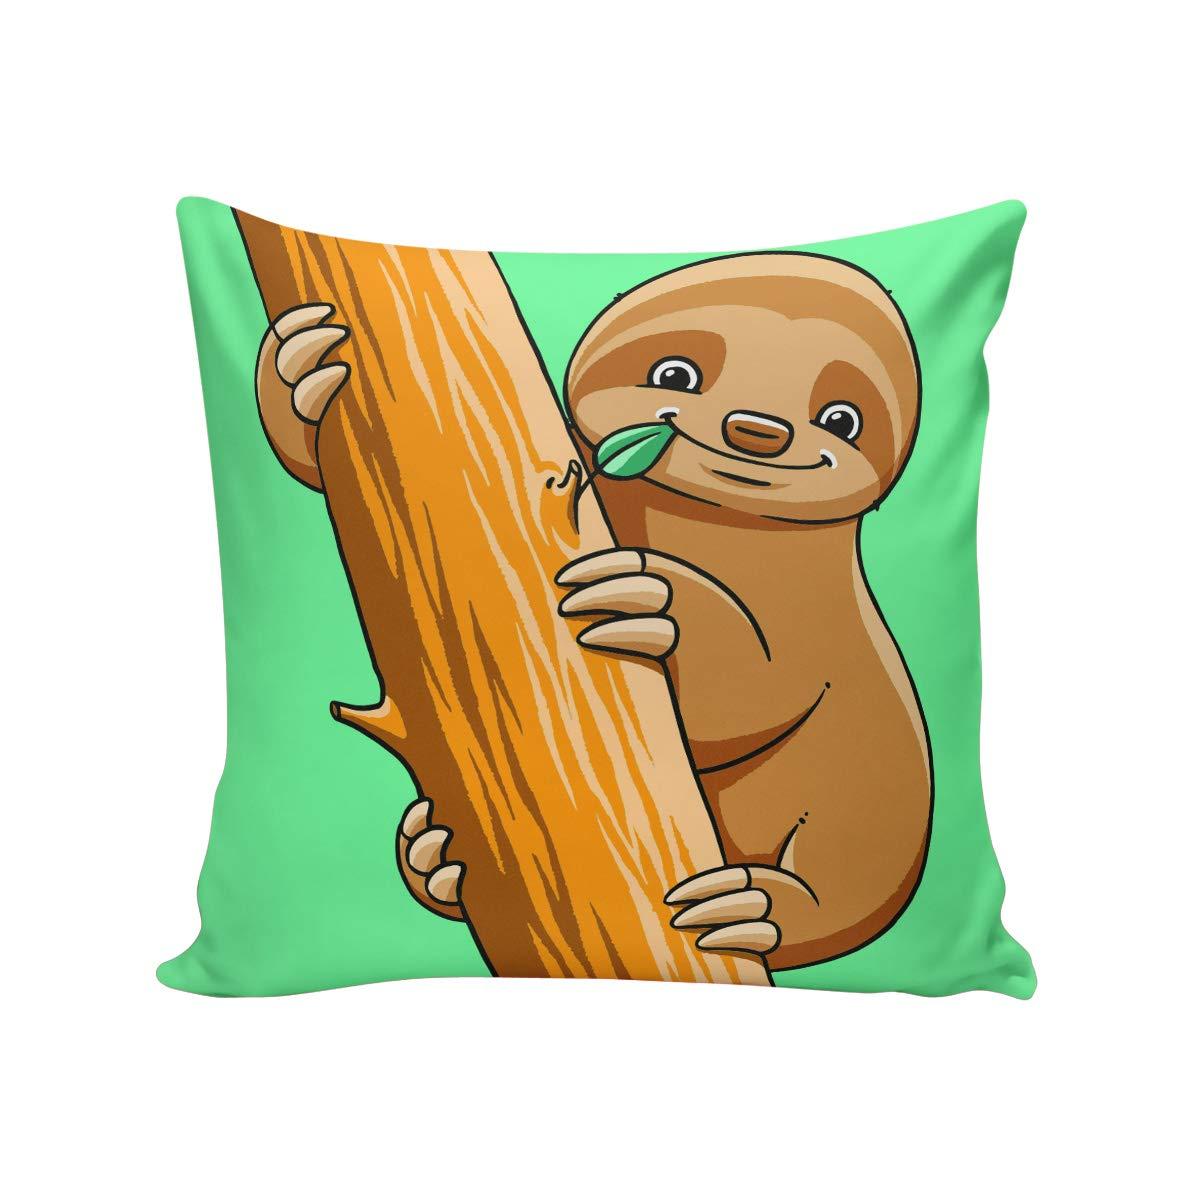 枕カバー コットンリネン 黄麻布 正方形 スロー枕カバー ソファ ベンチ カウチ カーシート ベッド枕プロテクター 枕カバー メリークリスマステーマ 18 x 18 Inch ^BZZXH-20181110#GBESLEX00904BZBBSOA 18 x 18 Inch Sloth9soa2632 B07KCYZ28T